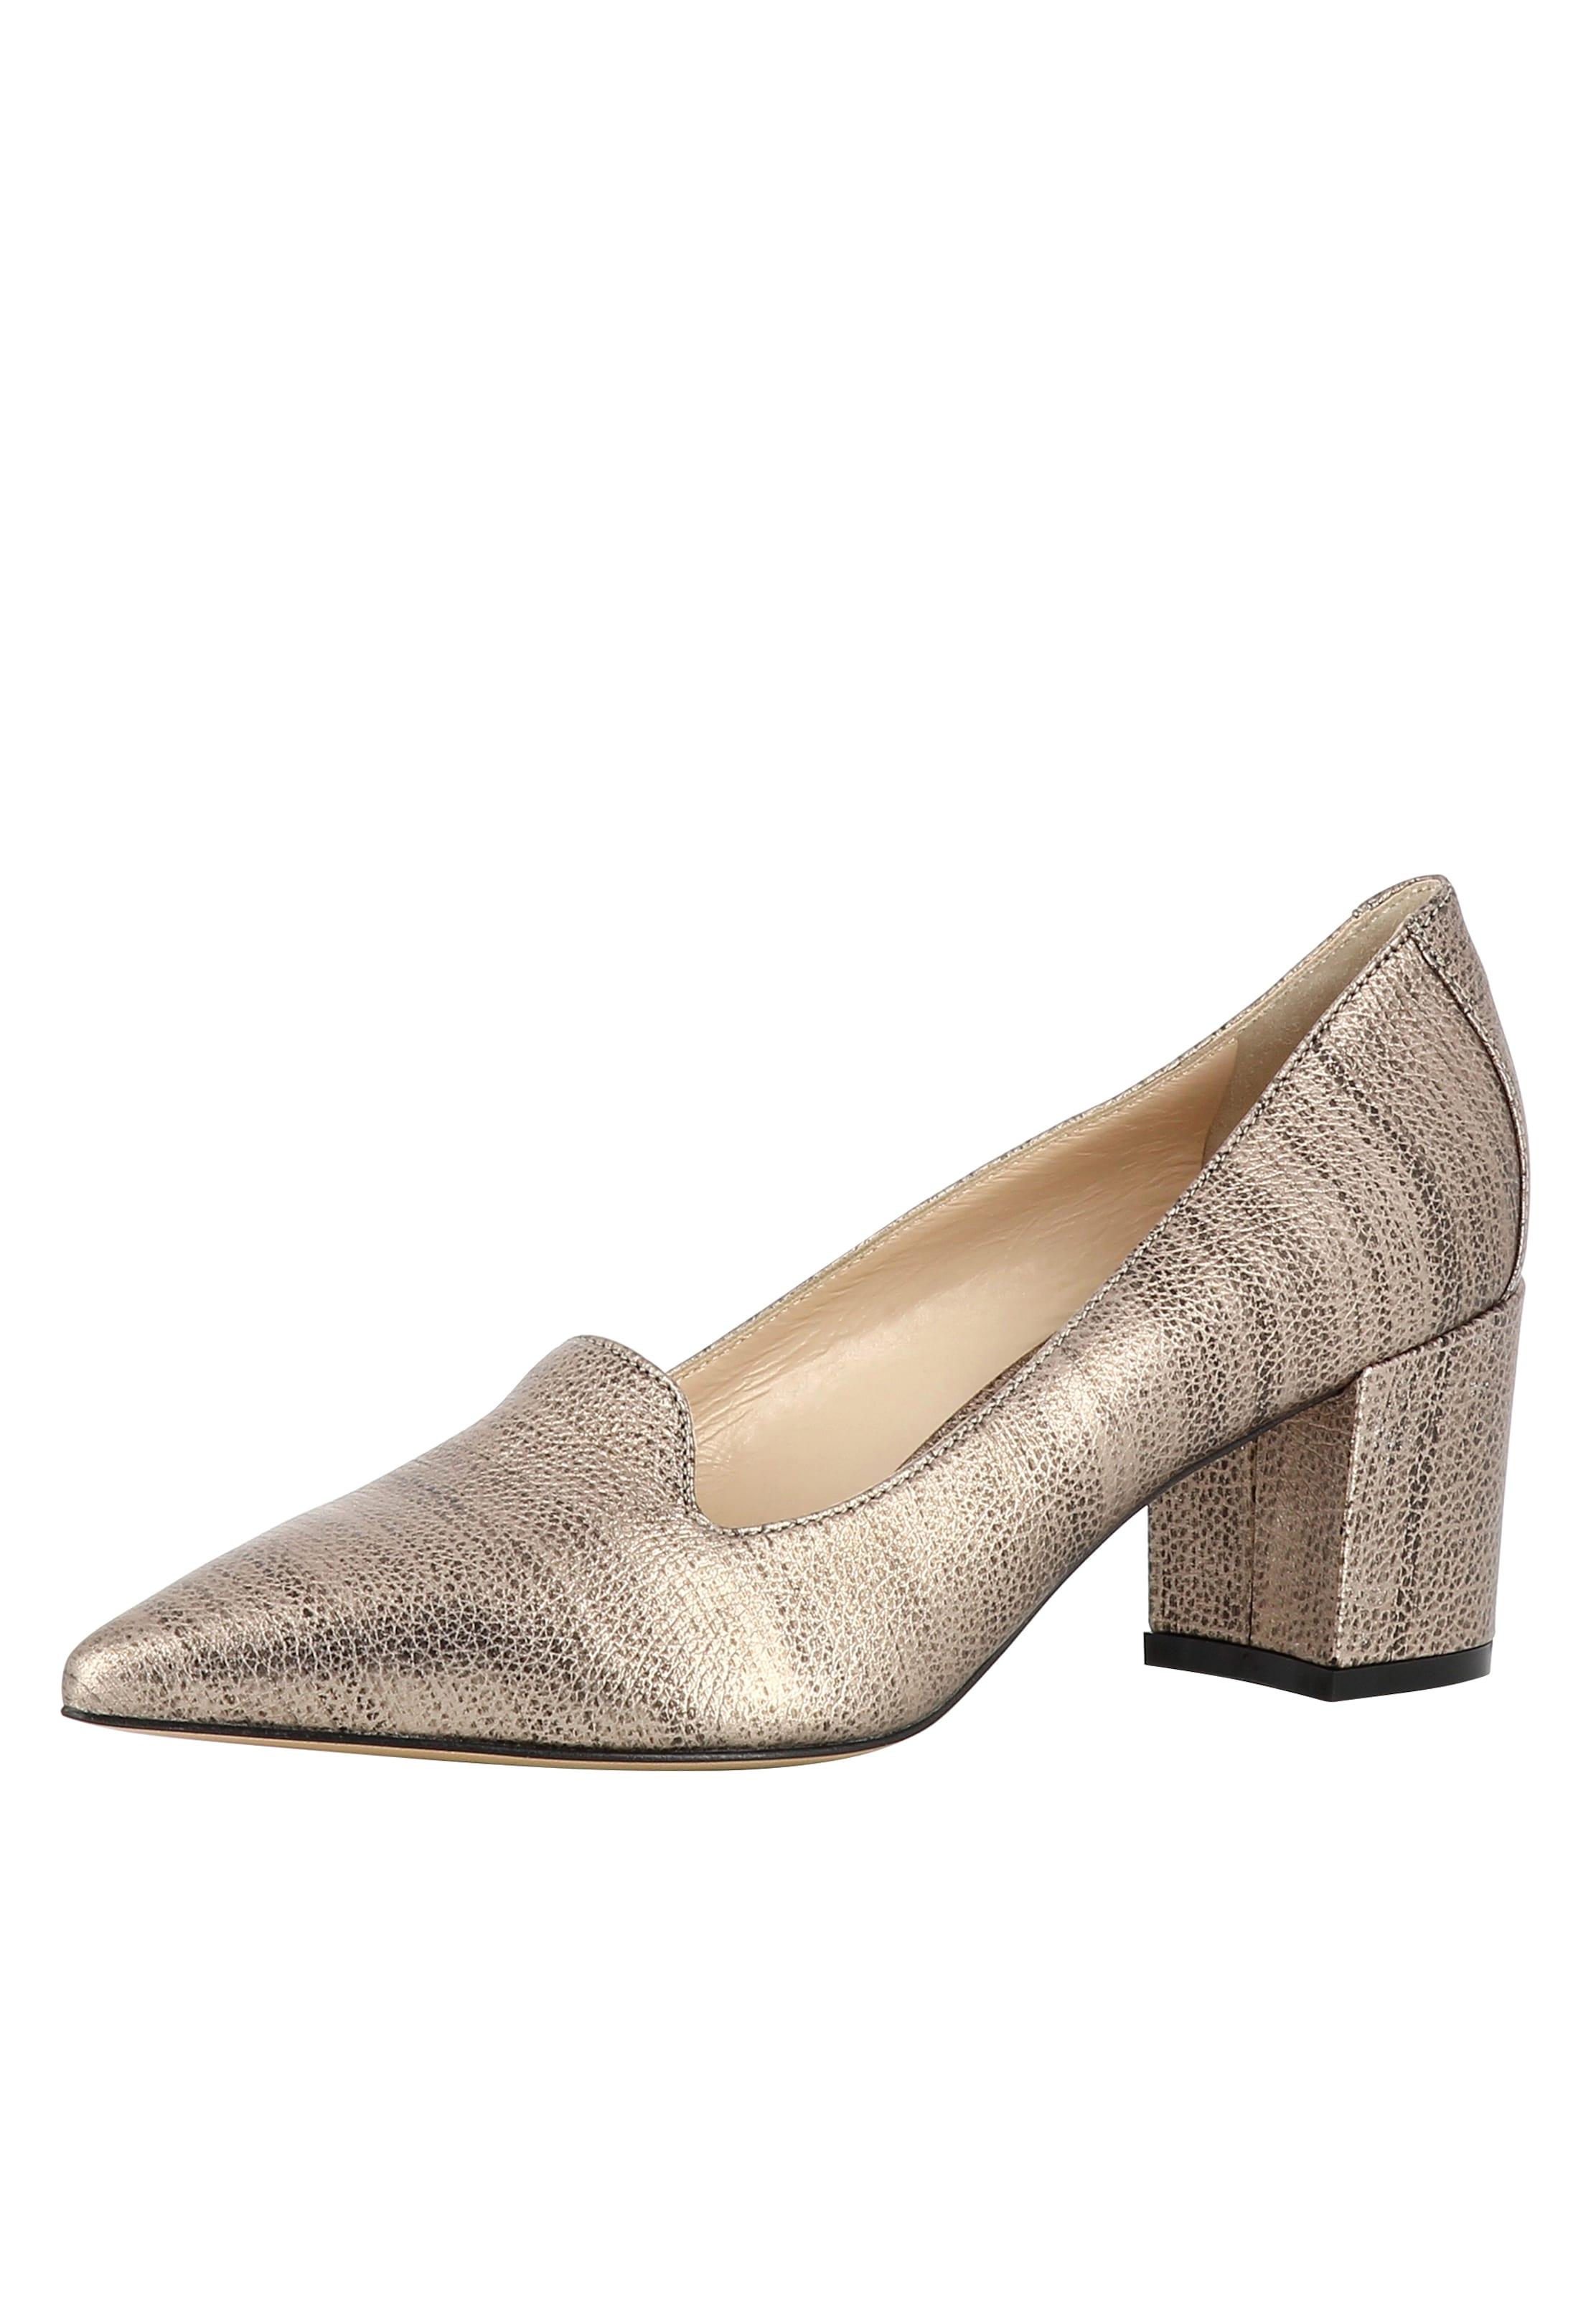 EVITA Damen Pumps ROMINA Verschleißfeste billige Schuhe